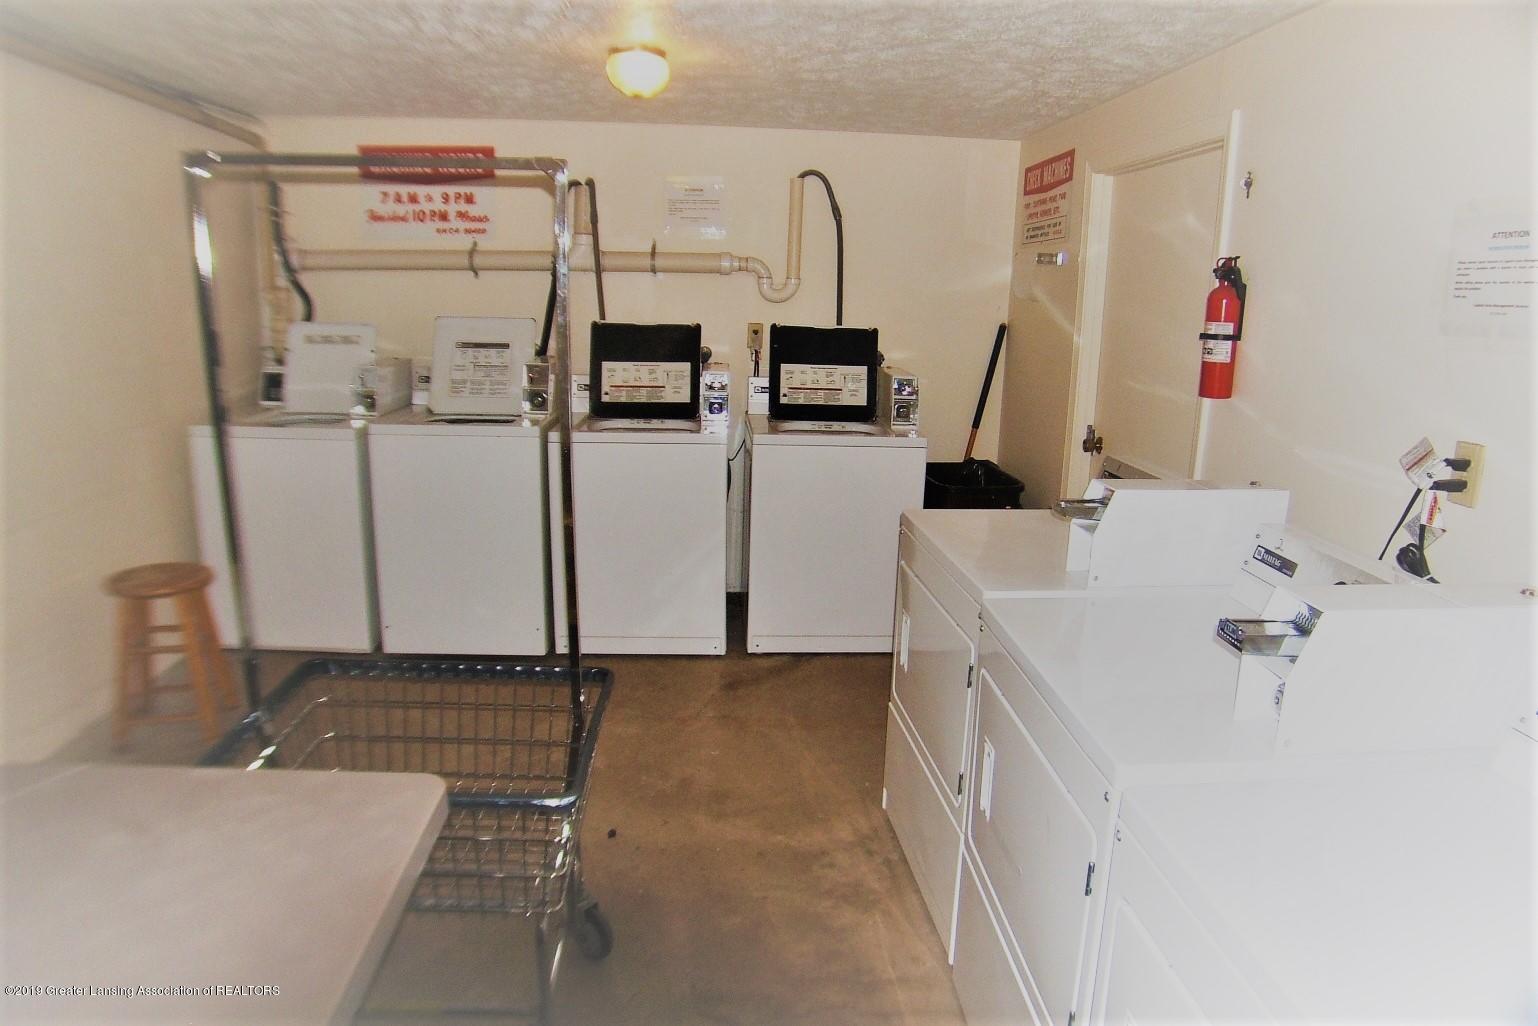 2024 Hamilton Rd 2 - Laundry - 12